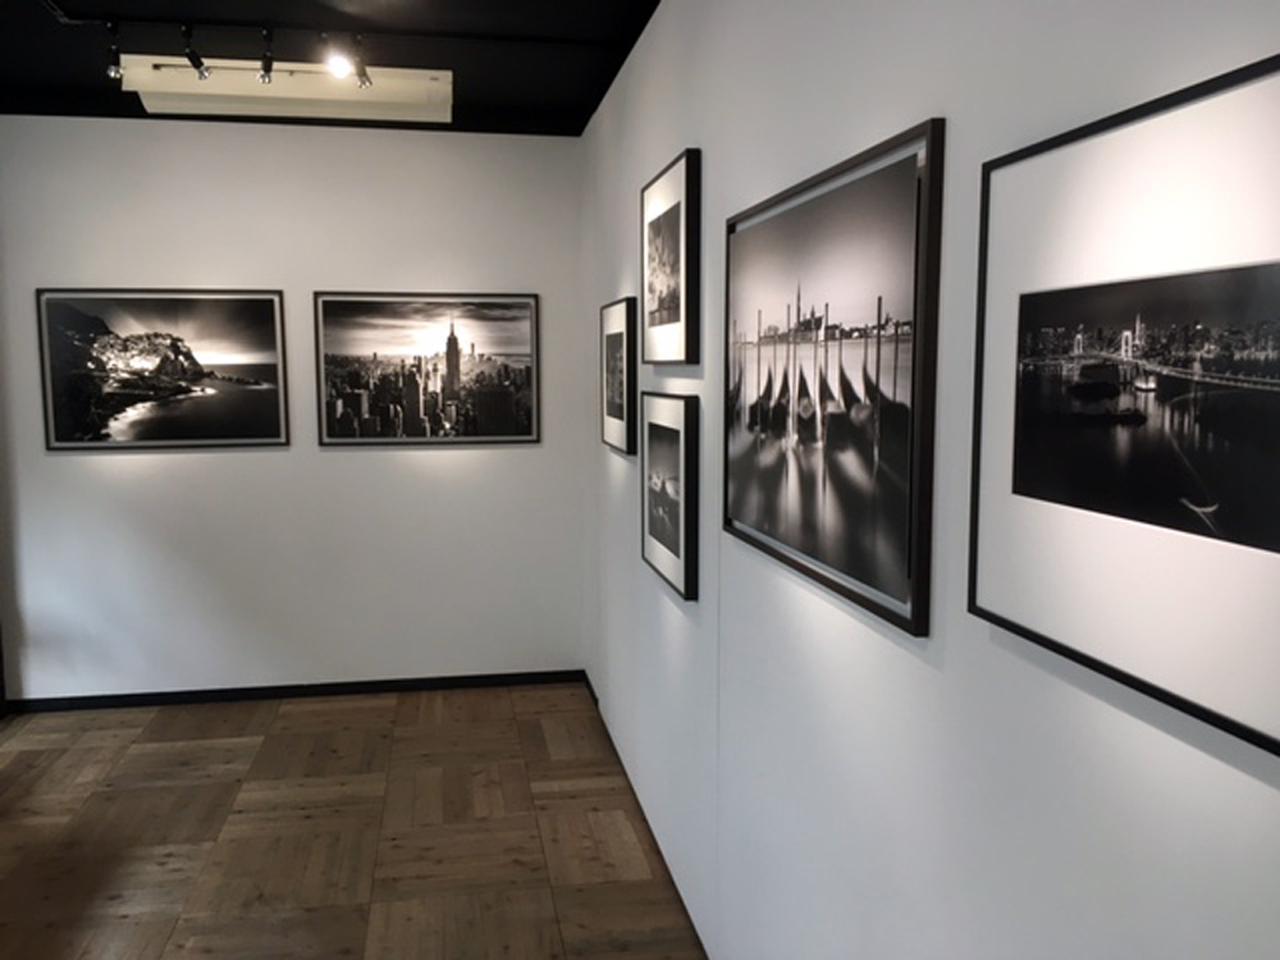 画像2: 藤村大介写真展『CAPTURE TIME』。長時間露光による黒白の風景写真が迫力100%です。